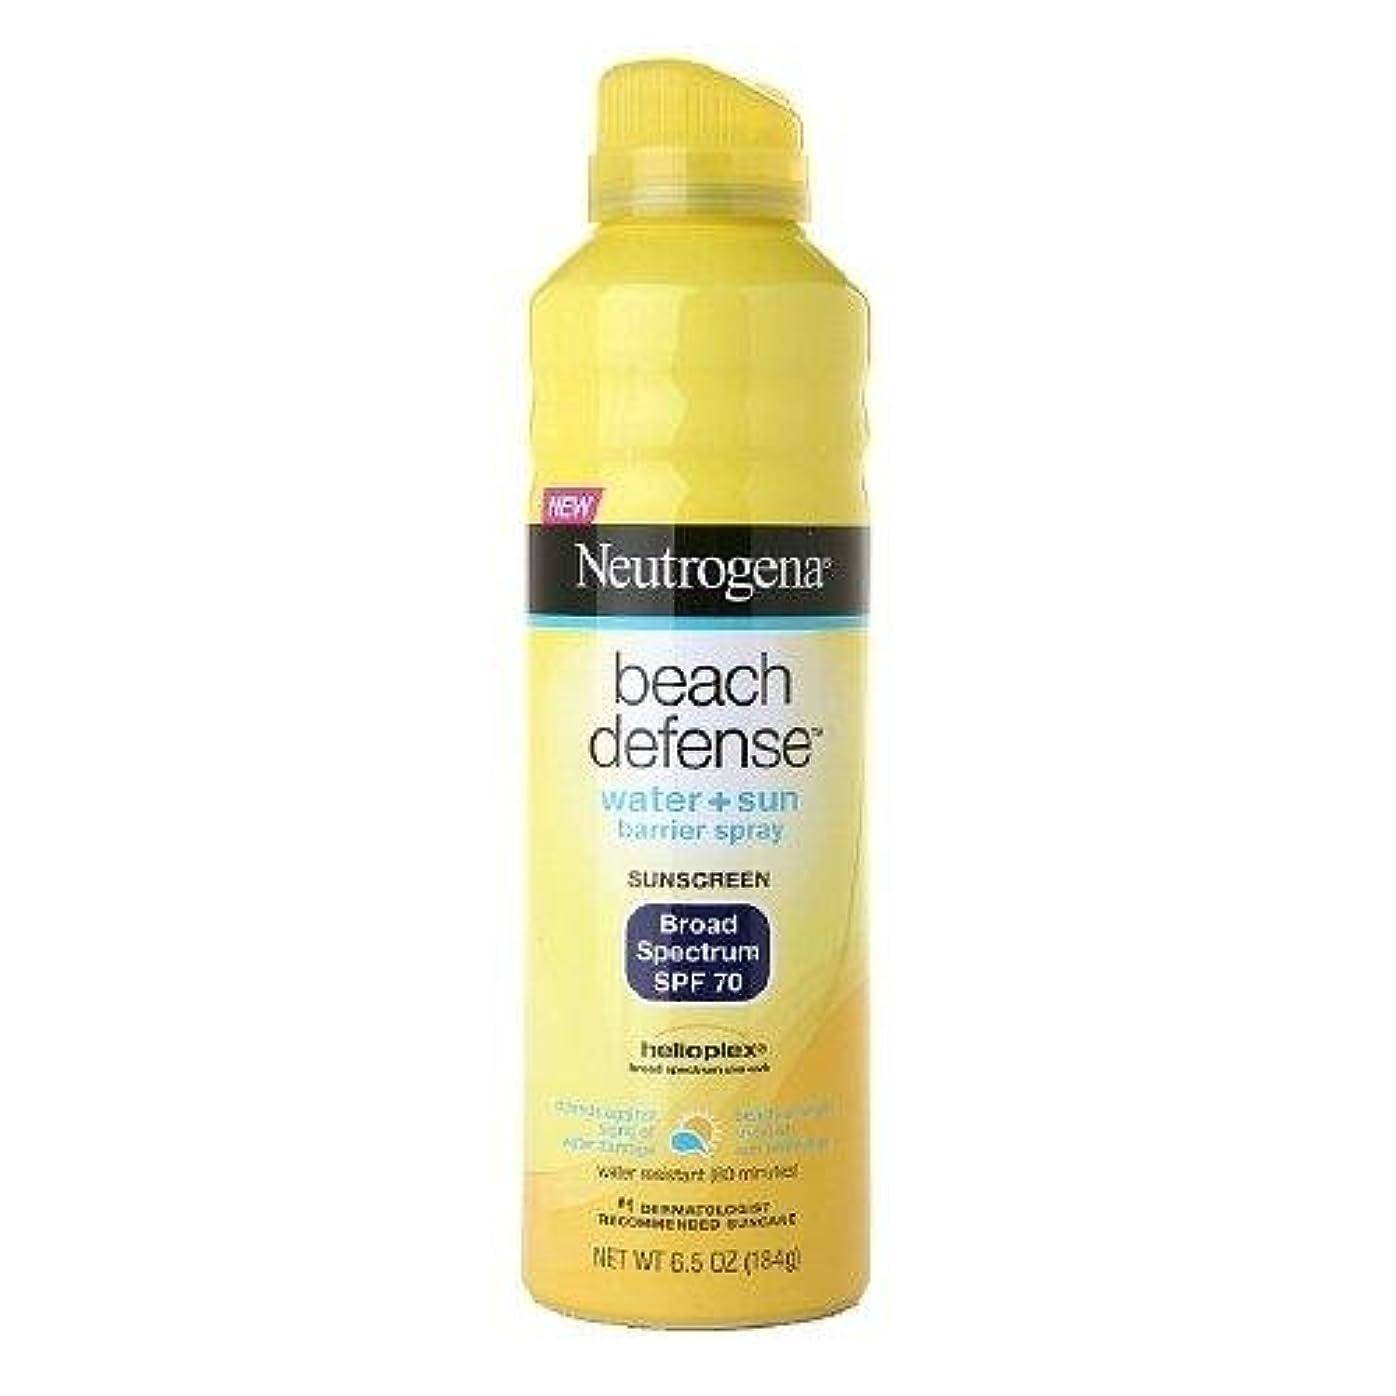 悪意名詞膜【海外直送品】 ニュートロジーナ 皮膚科推薦 日焼け止めスプレー SPF70 184g  Neutrogena Beach Defense Broad Spectrum Sunscreen Spray, SPF 70,...